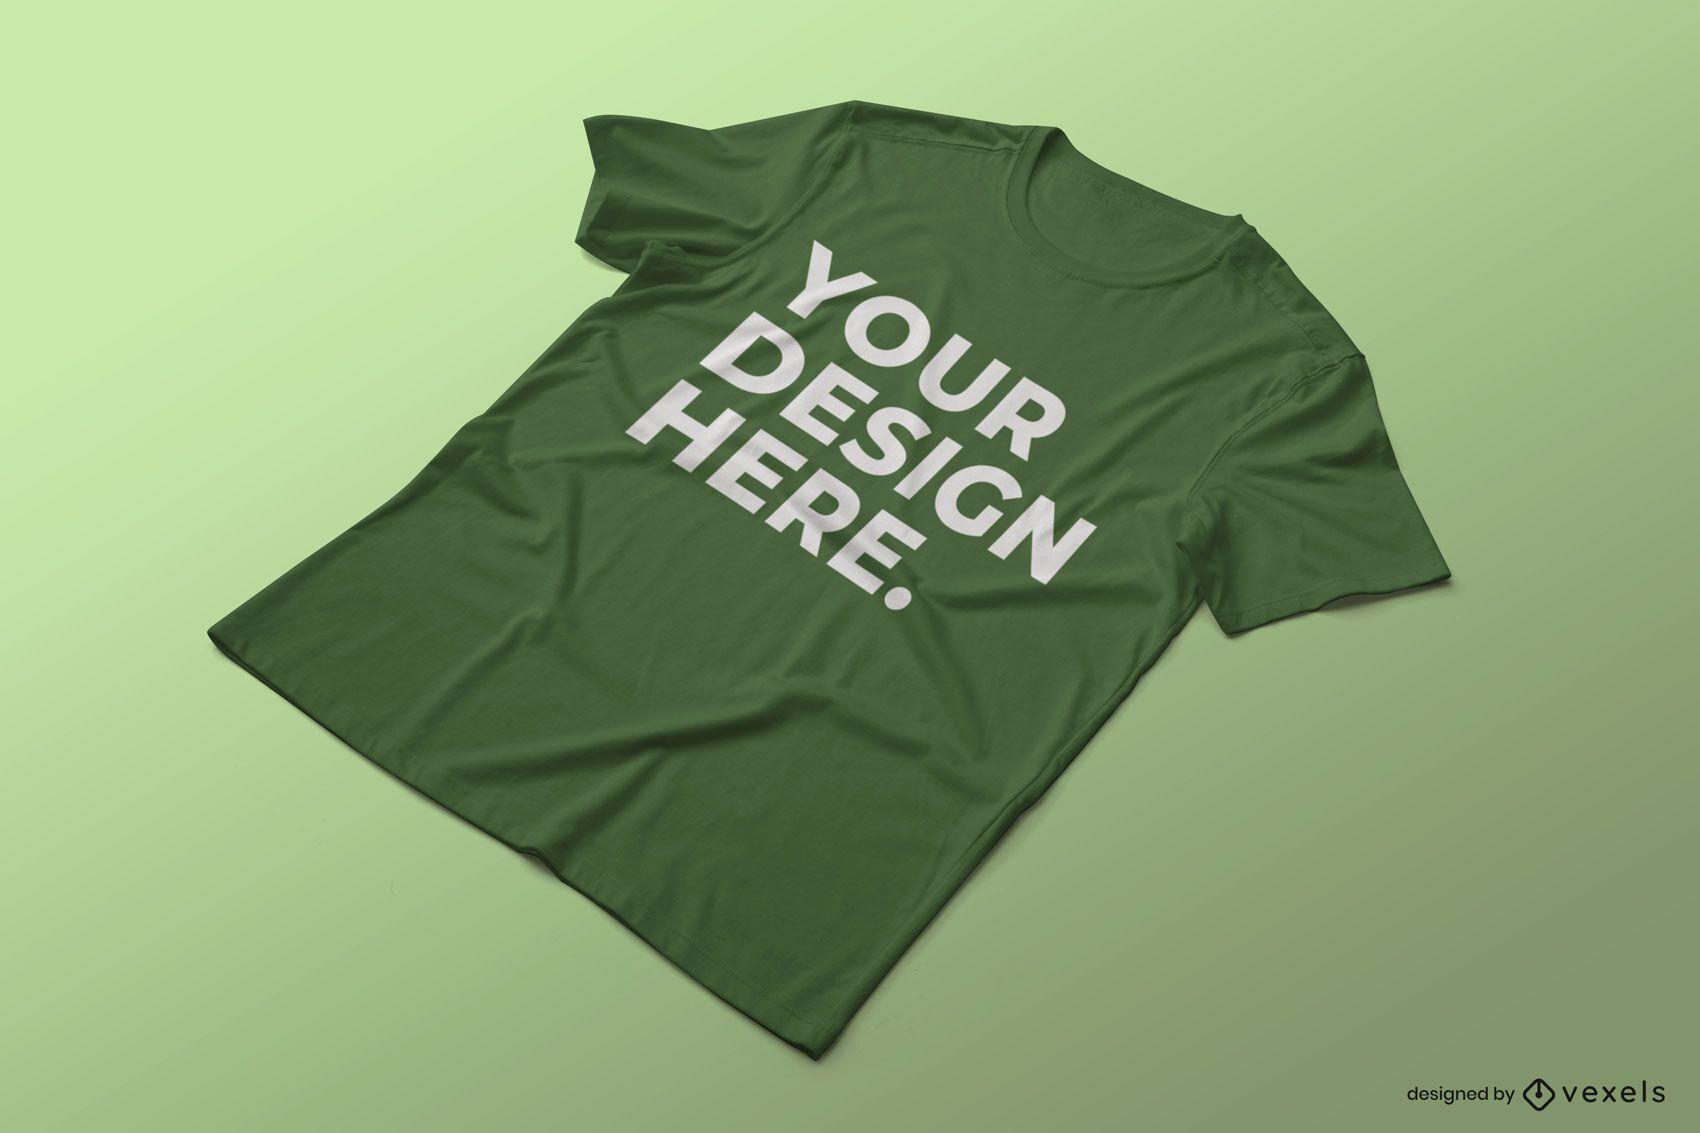 Wrinkled t-shirt mockup design